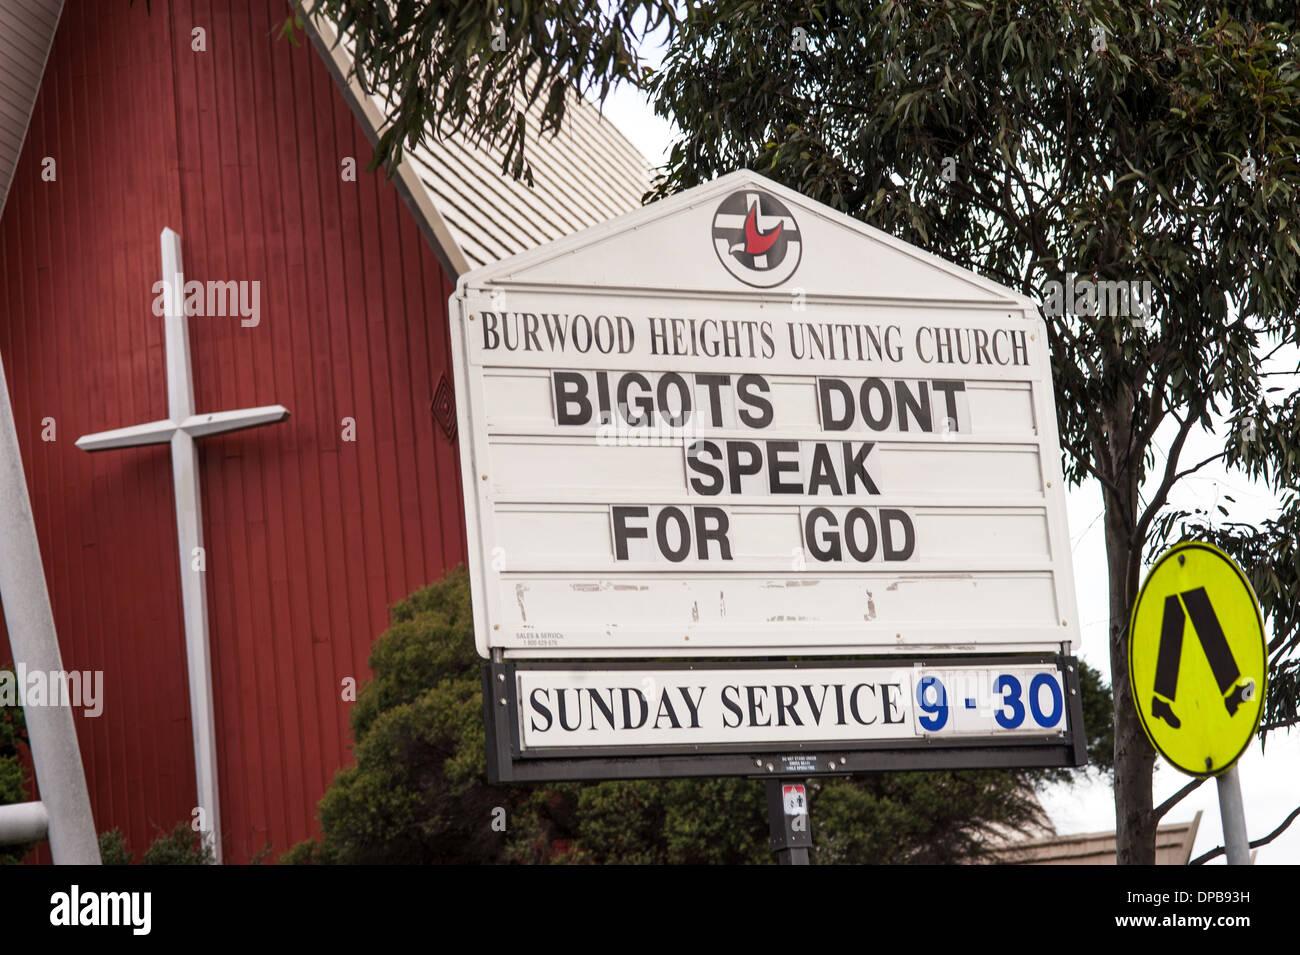 Bigots Don't Speak for God - Stock Image